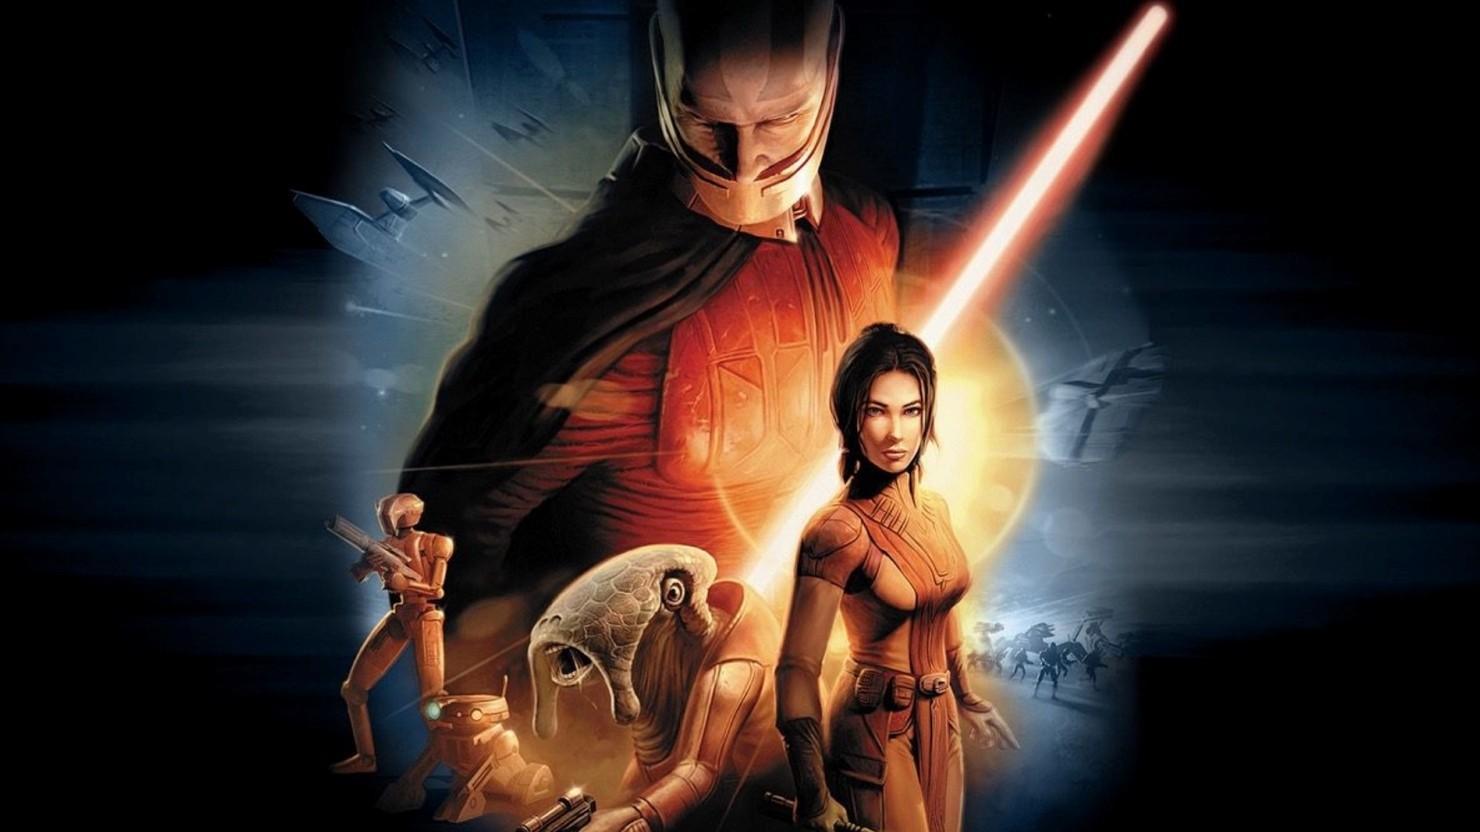 СМИ: В разработке находится ремейк Star Wars: Knights of the Old Republic, проект разрабатывается силами Aspyr Media 2